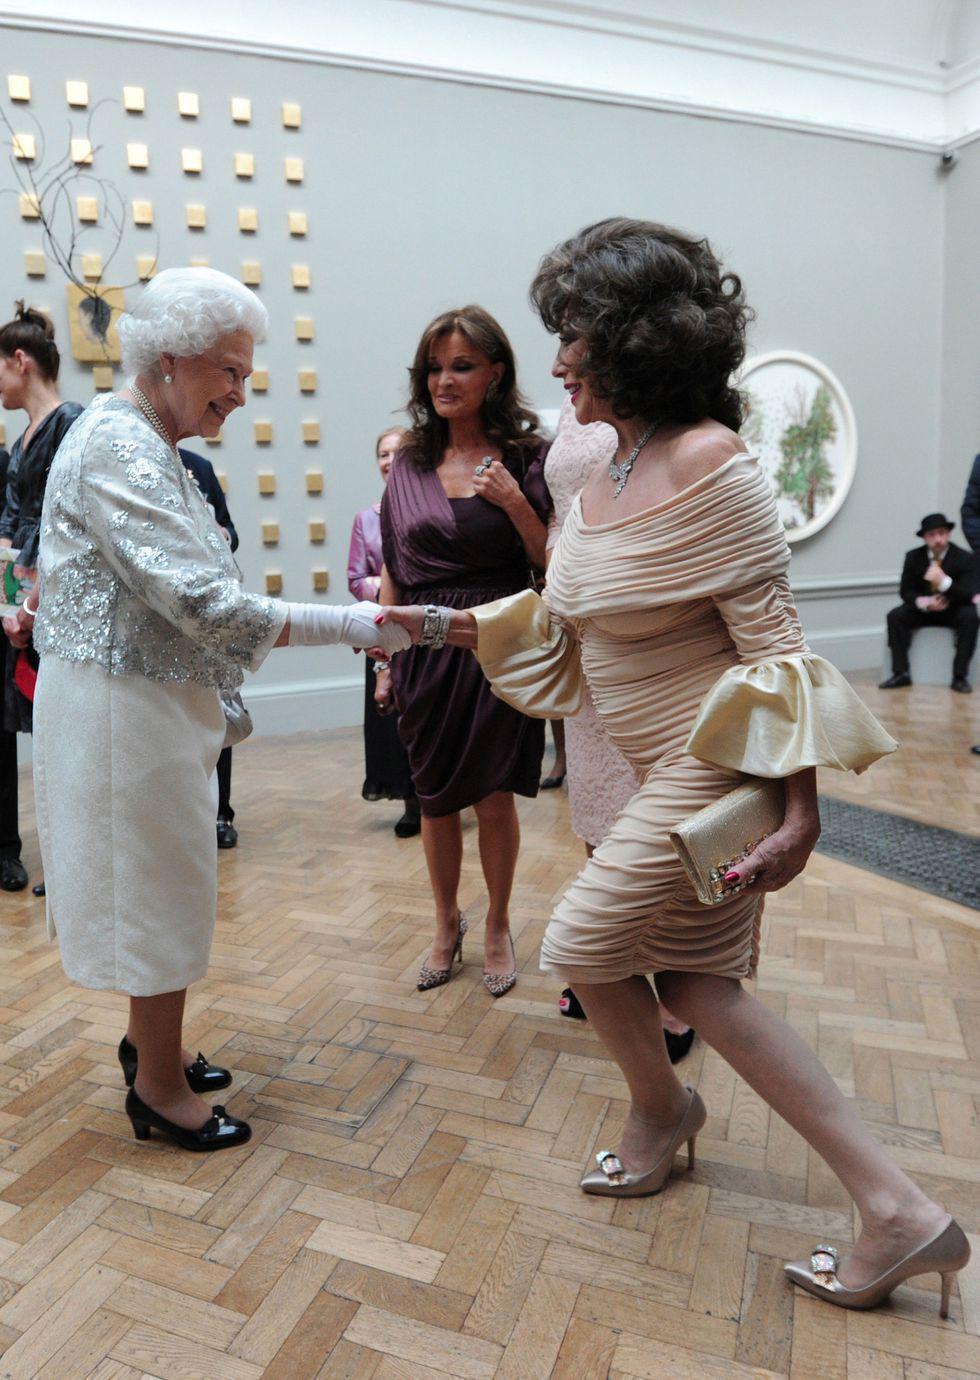 Điểm danh những ngôi sao vinh dự được diện kiến Nữ hoàng Anh Ảnh 12